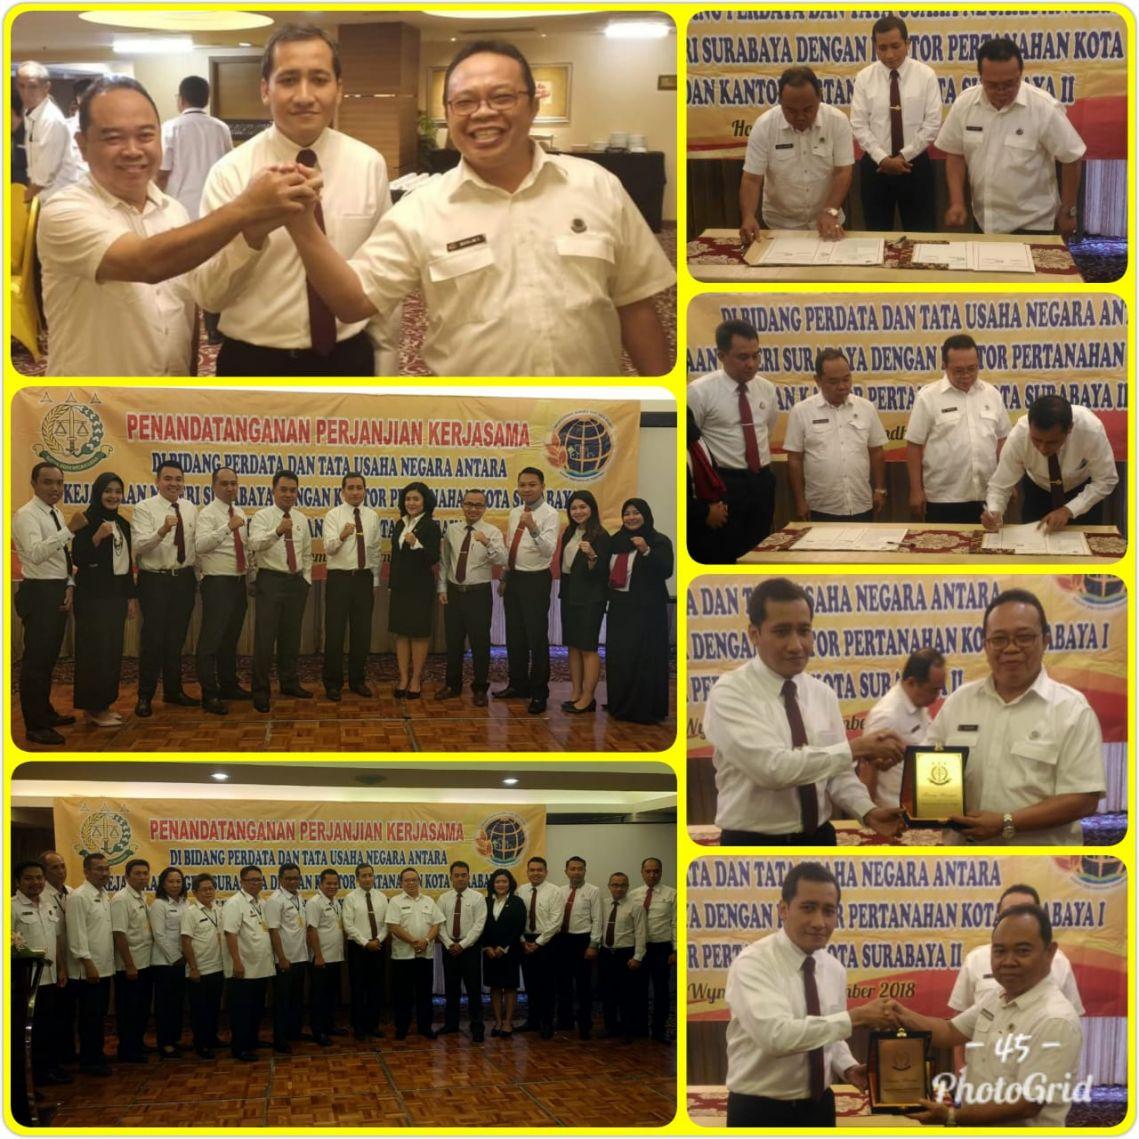 Penandatanganan Kerjasama BPN dengan Kejaksaan Negeri Surabaya 28-11-2018